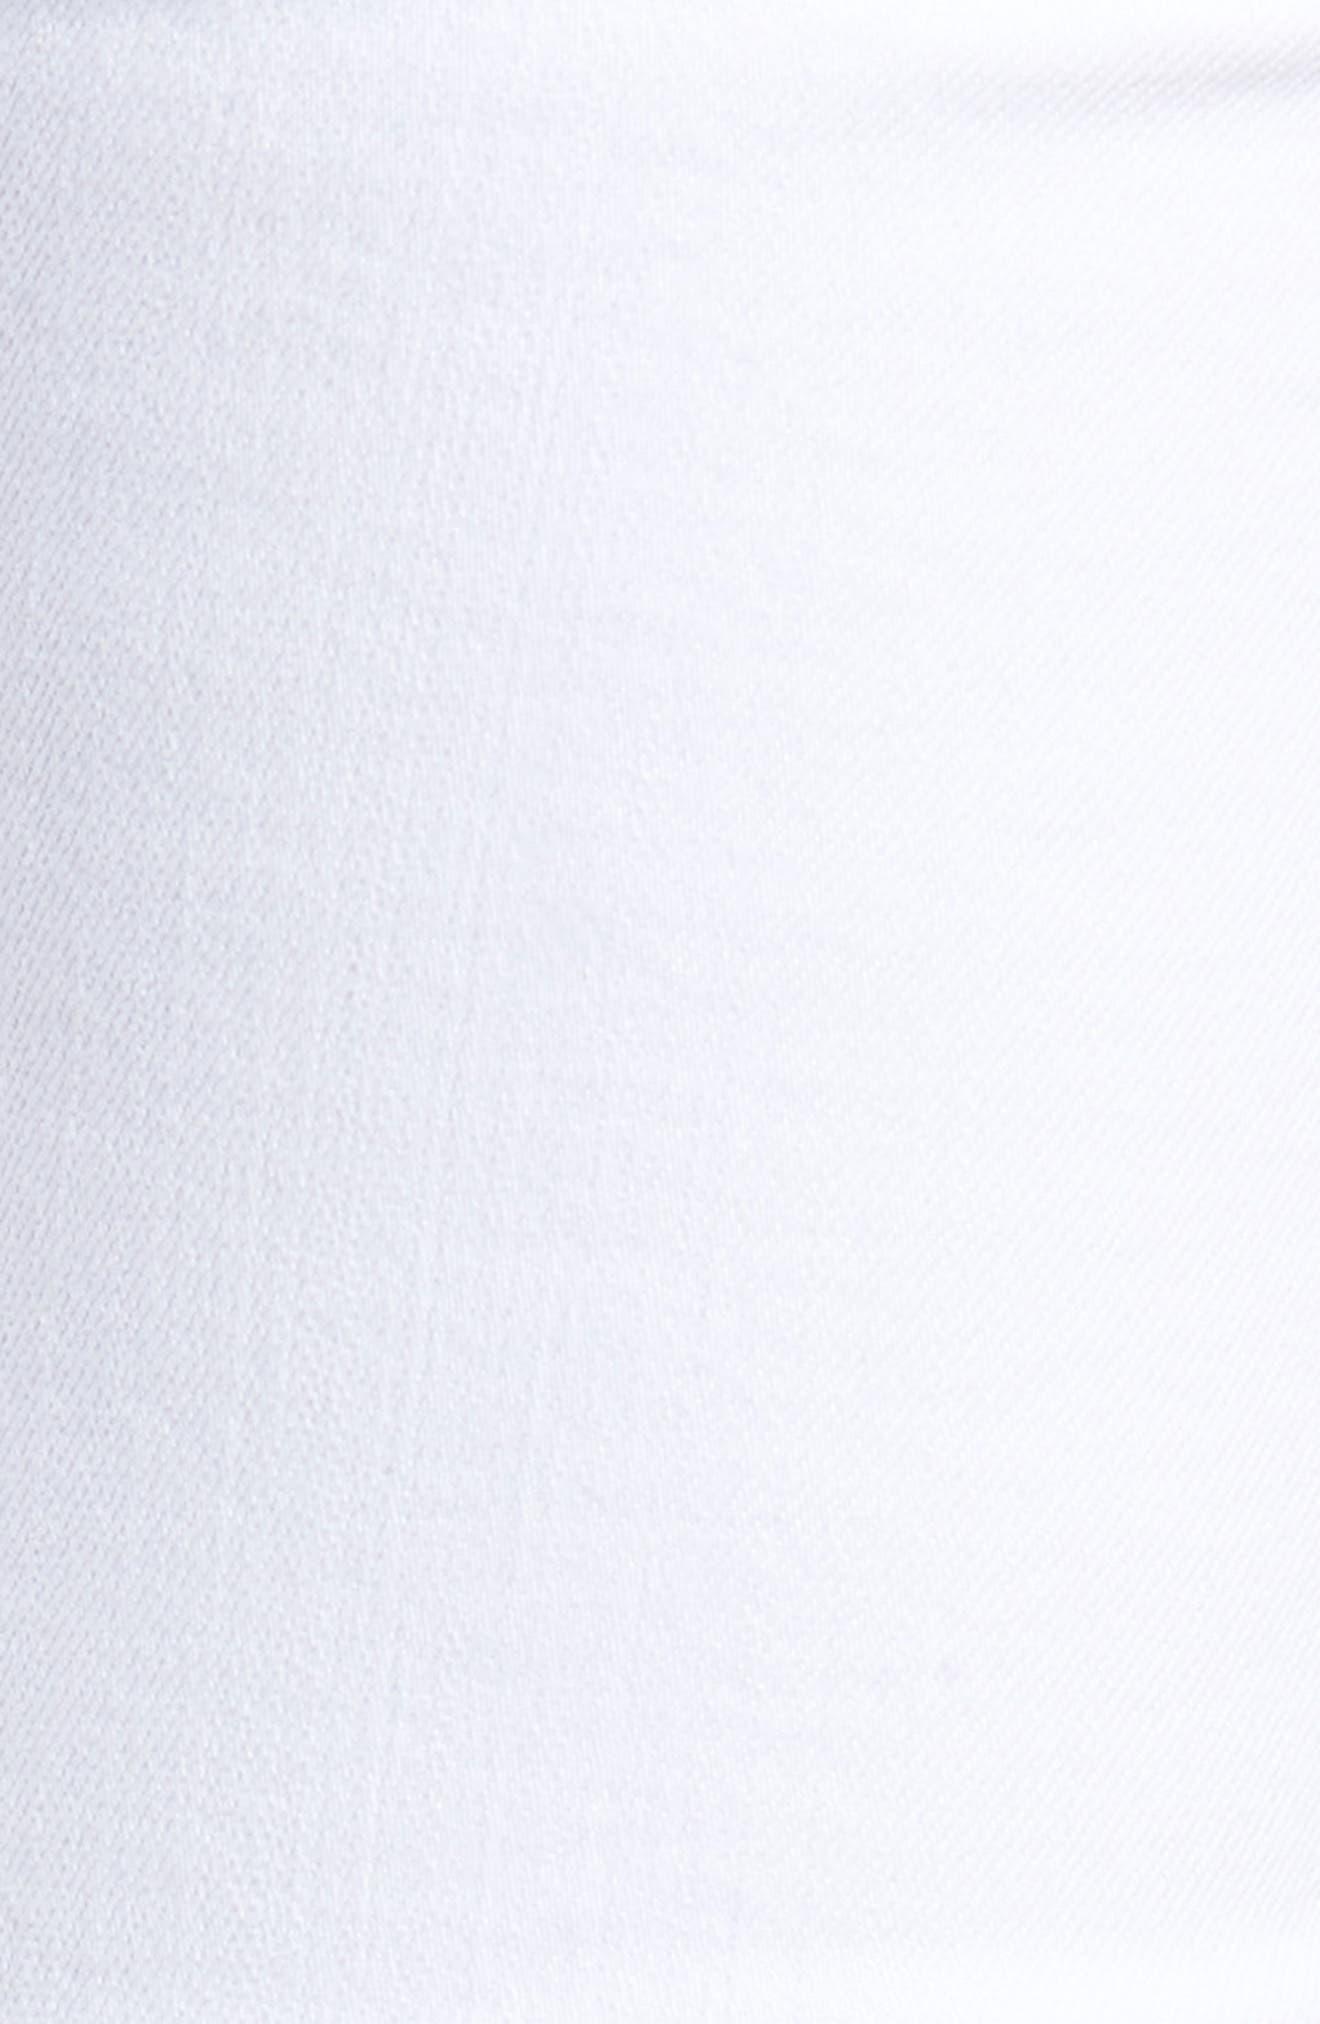 Racer Skinny Jeans,                             Alternate thumbnail 6, color,                             104